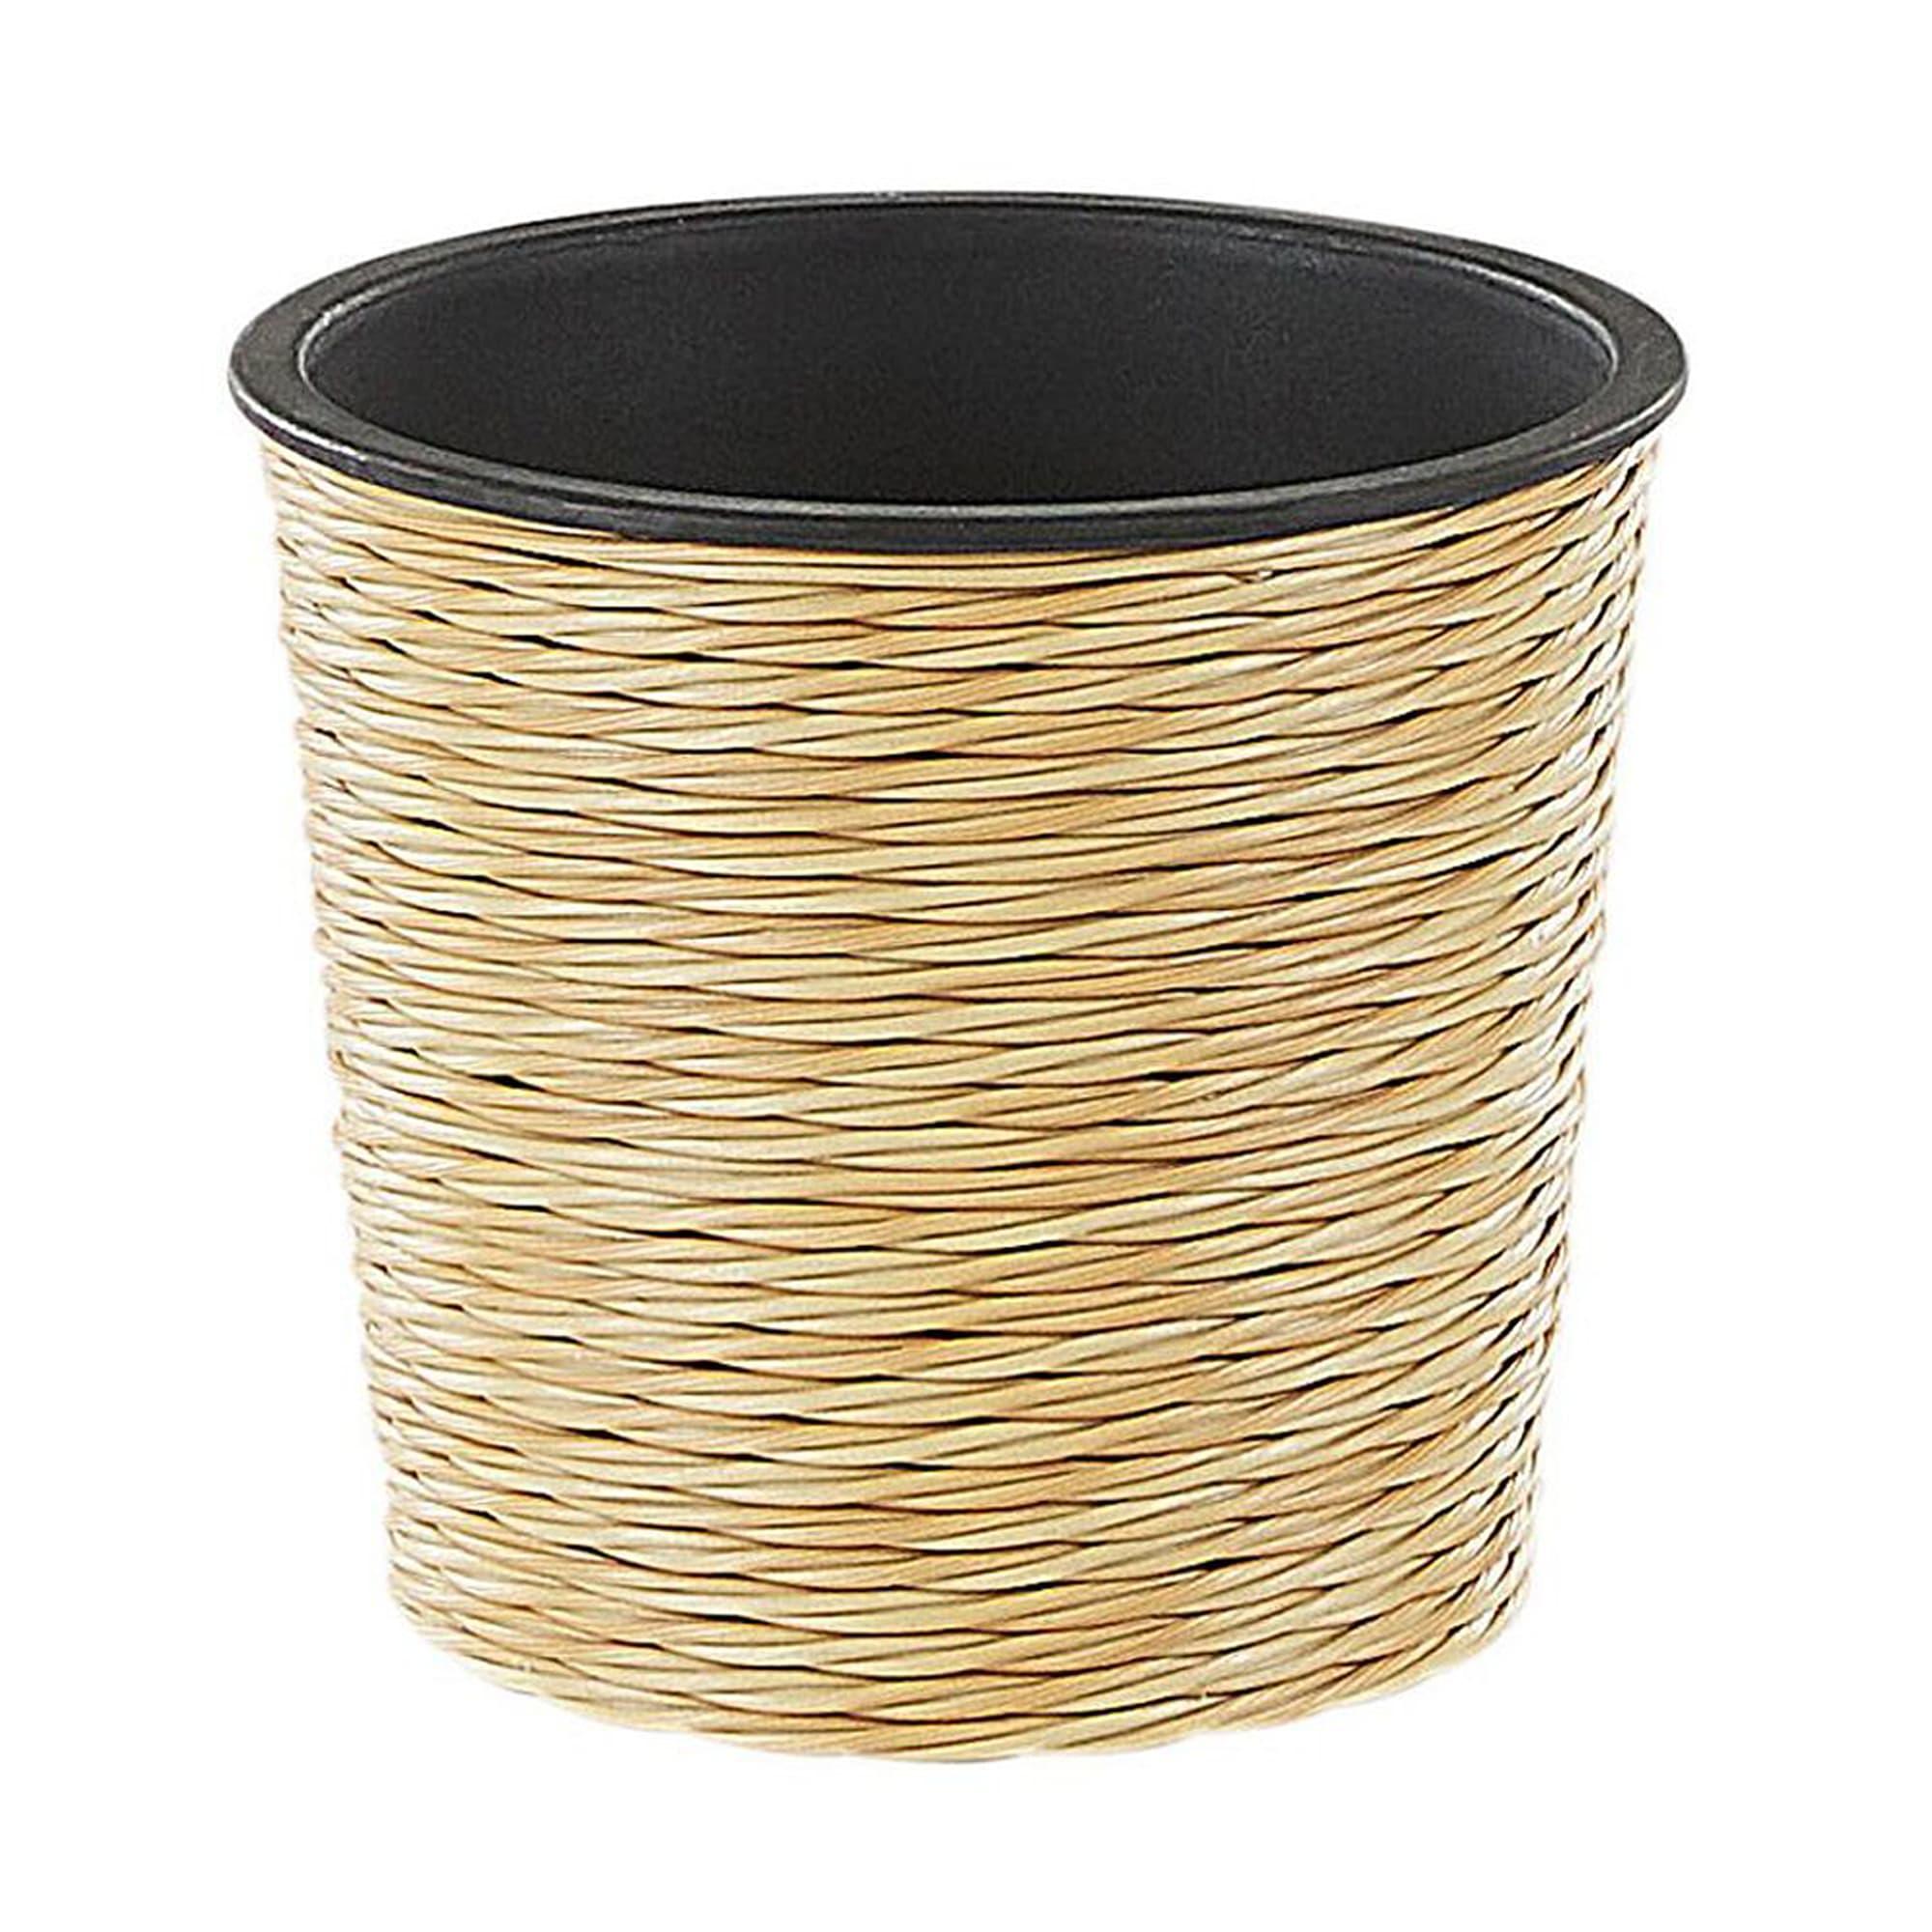 Pot de fleurs beige sable D16 cm